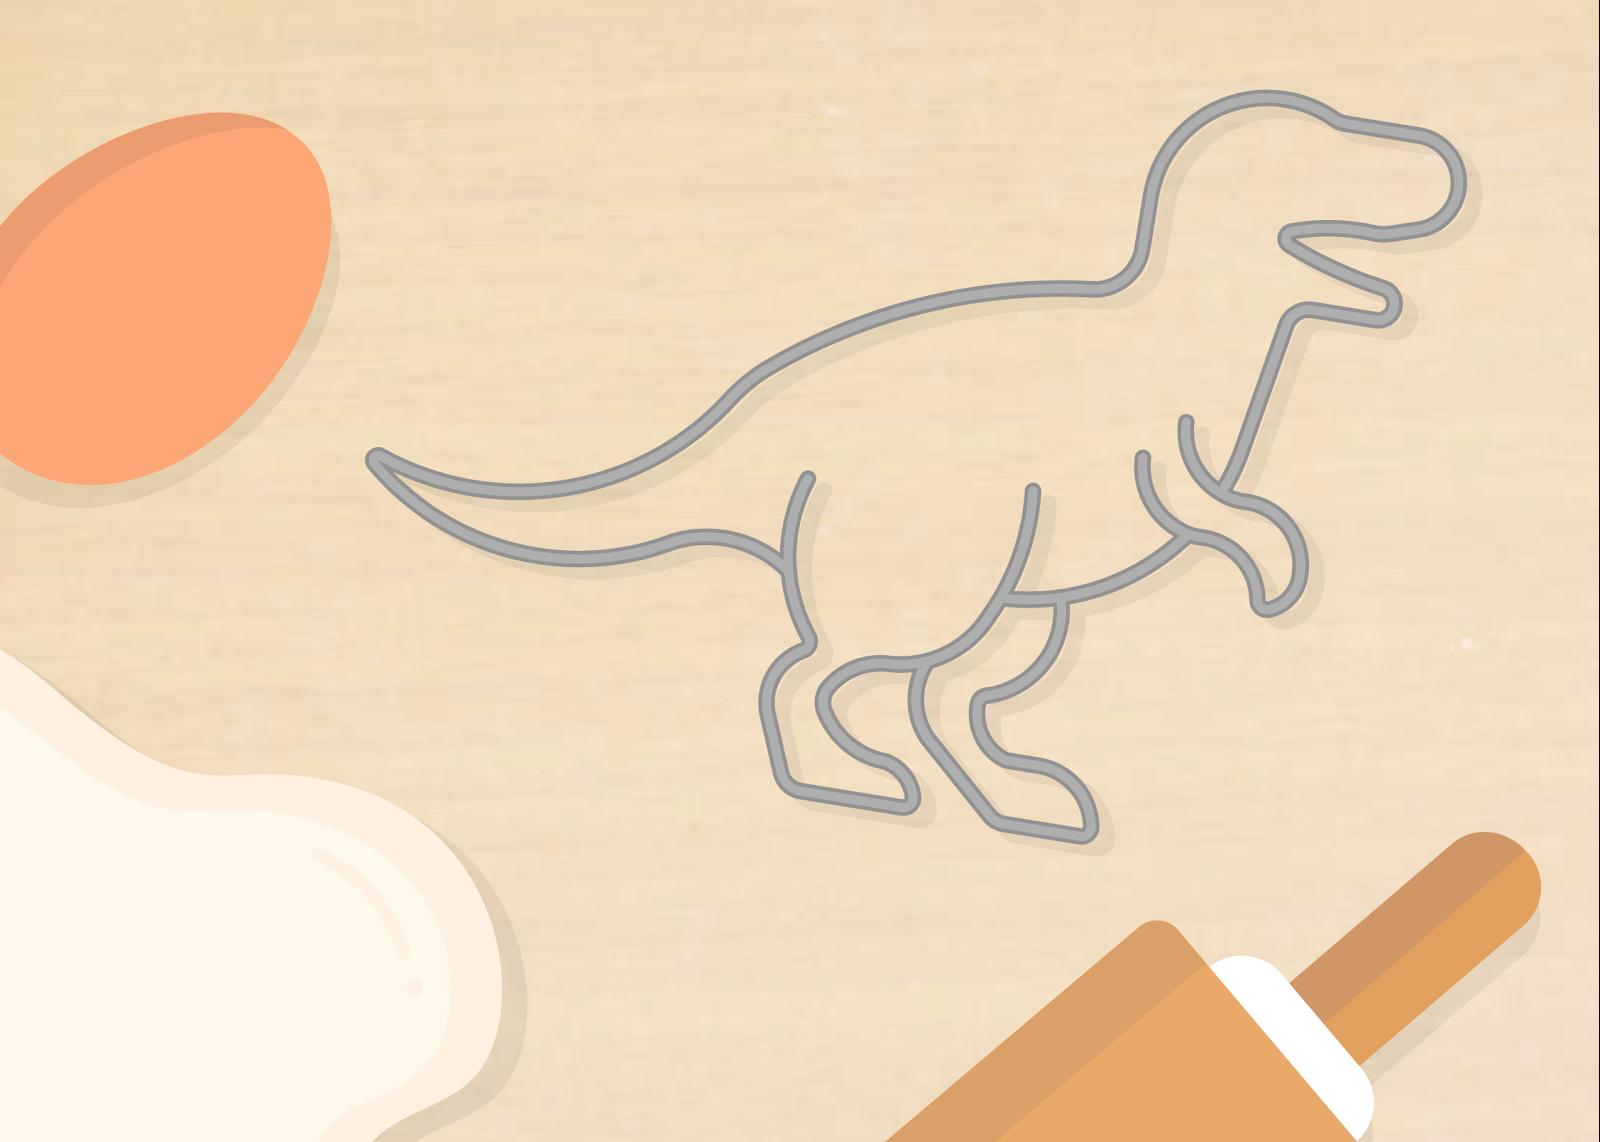 A dinosaur cookie cutter.